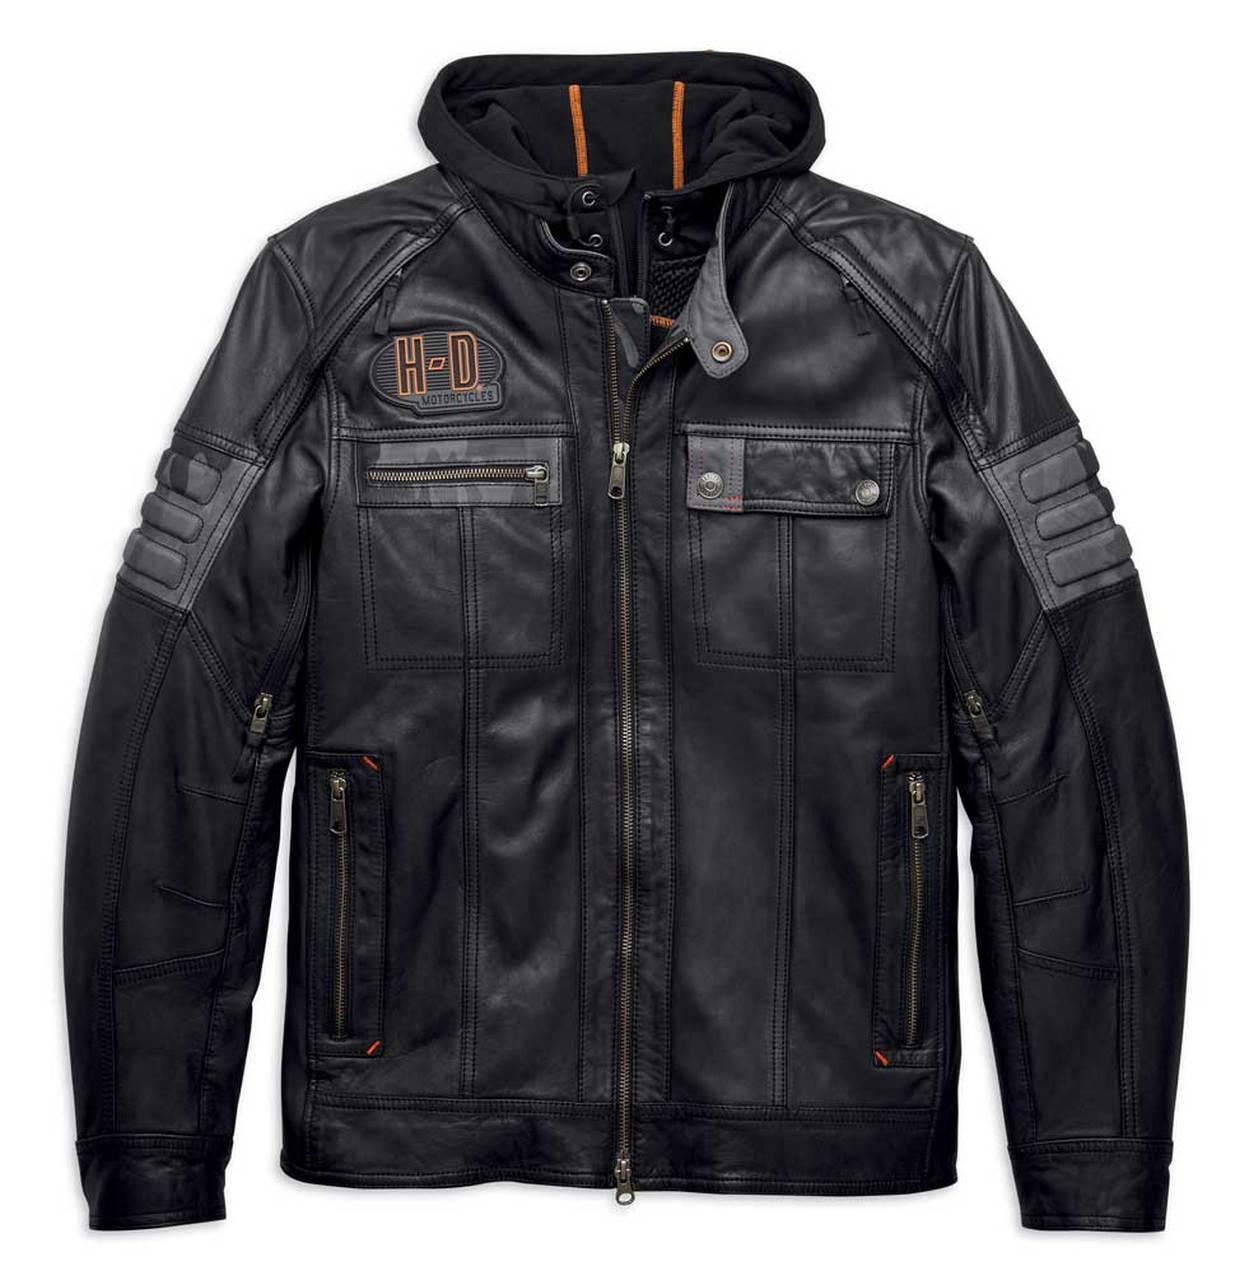 Harley-Davidson® Men's Bridgeport 3-IN-1 Leather Jacket, Black